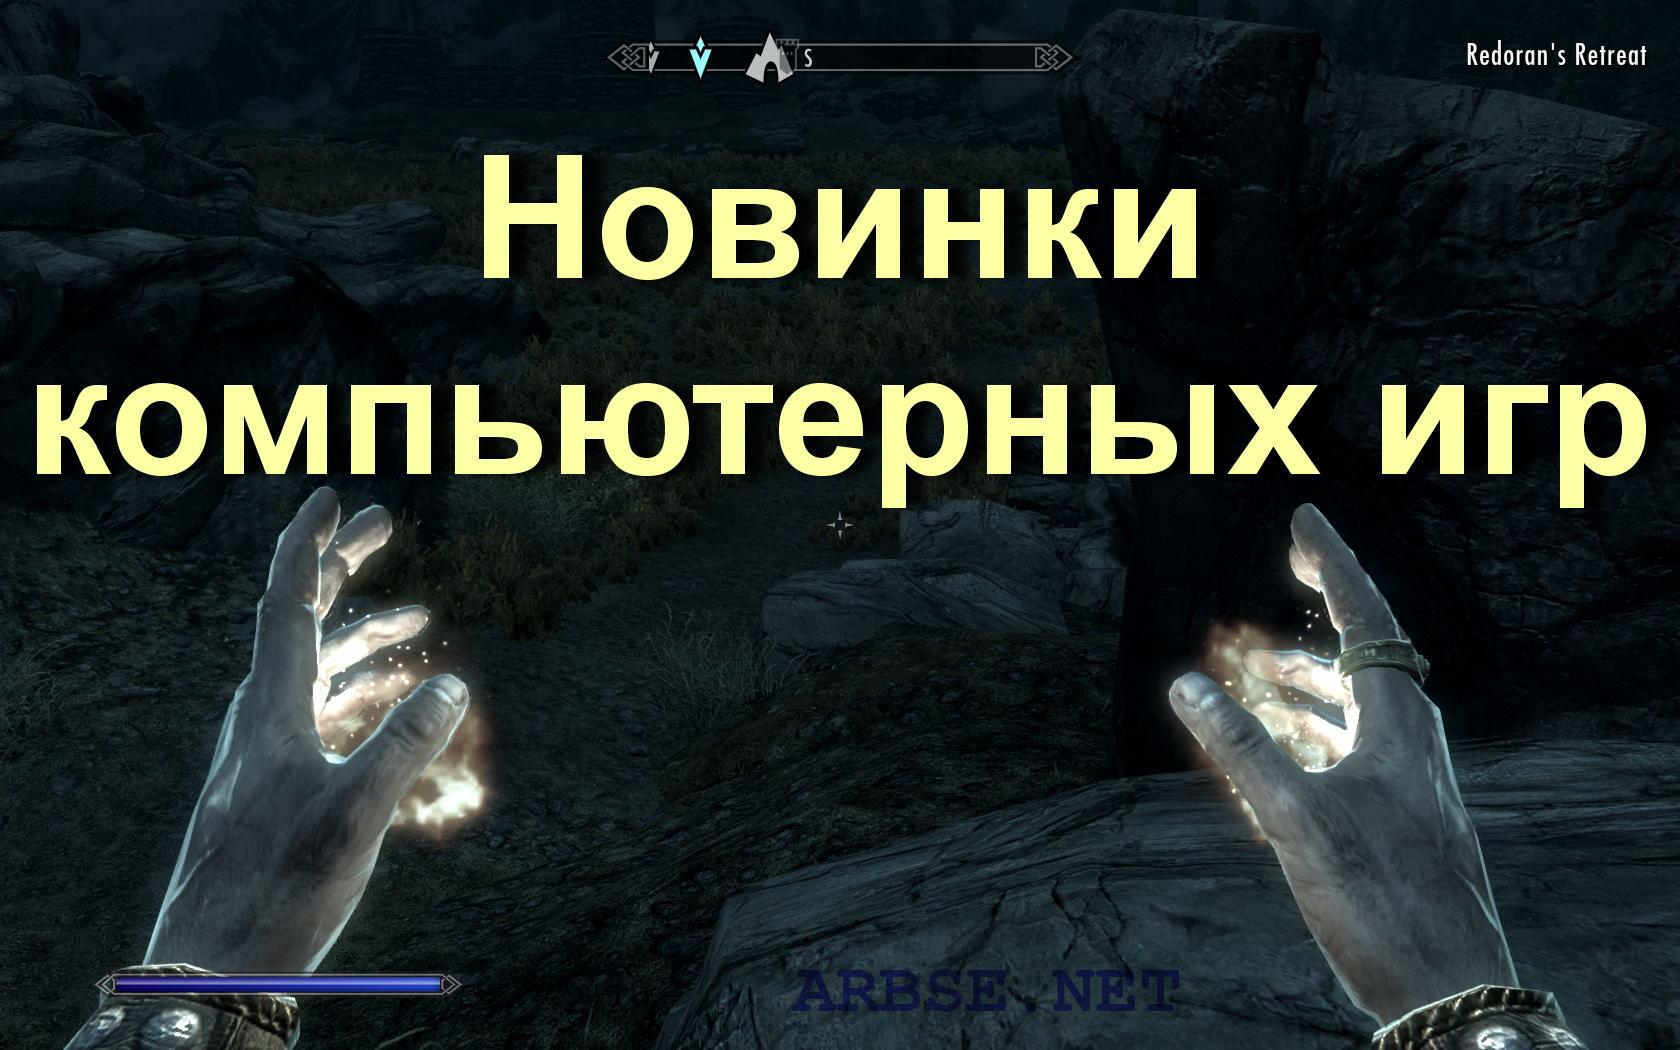 Новинки игр: